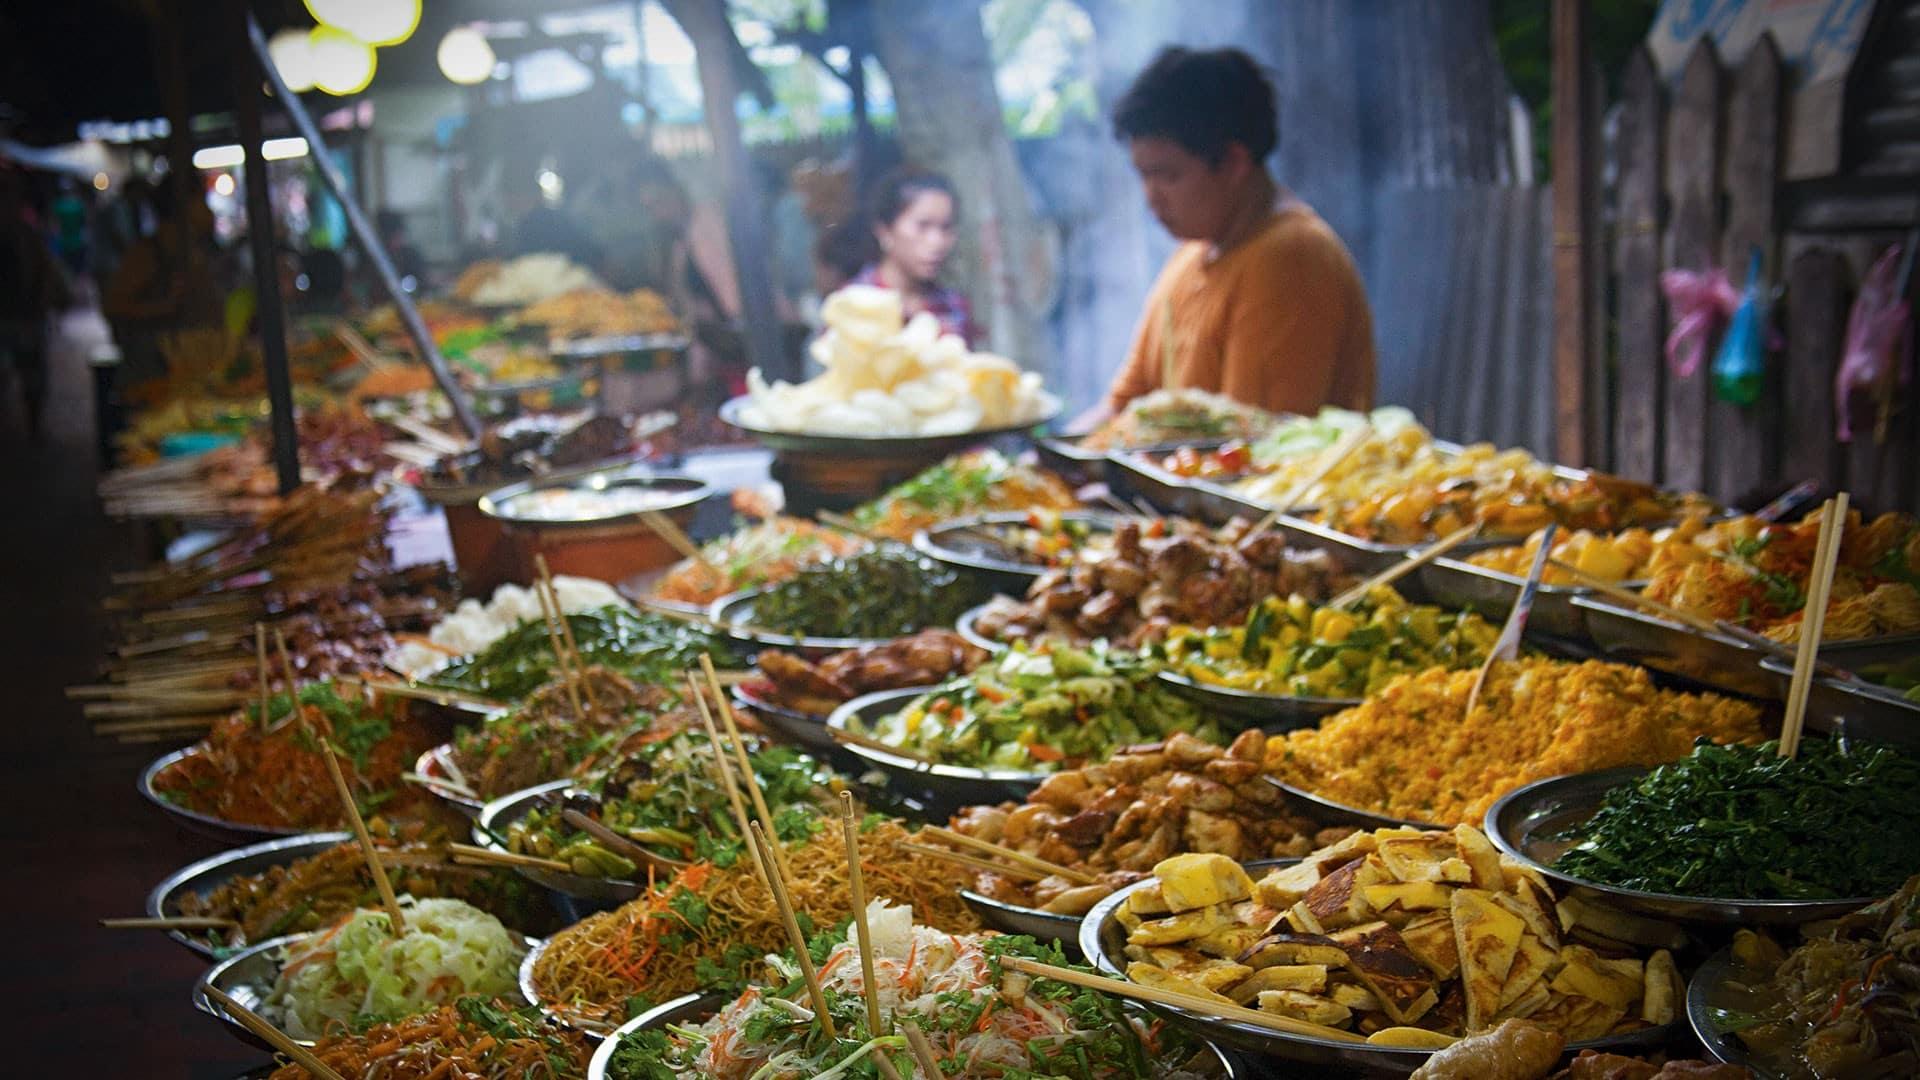 ¿Has probado el Pad Thai?